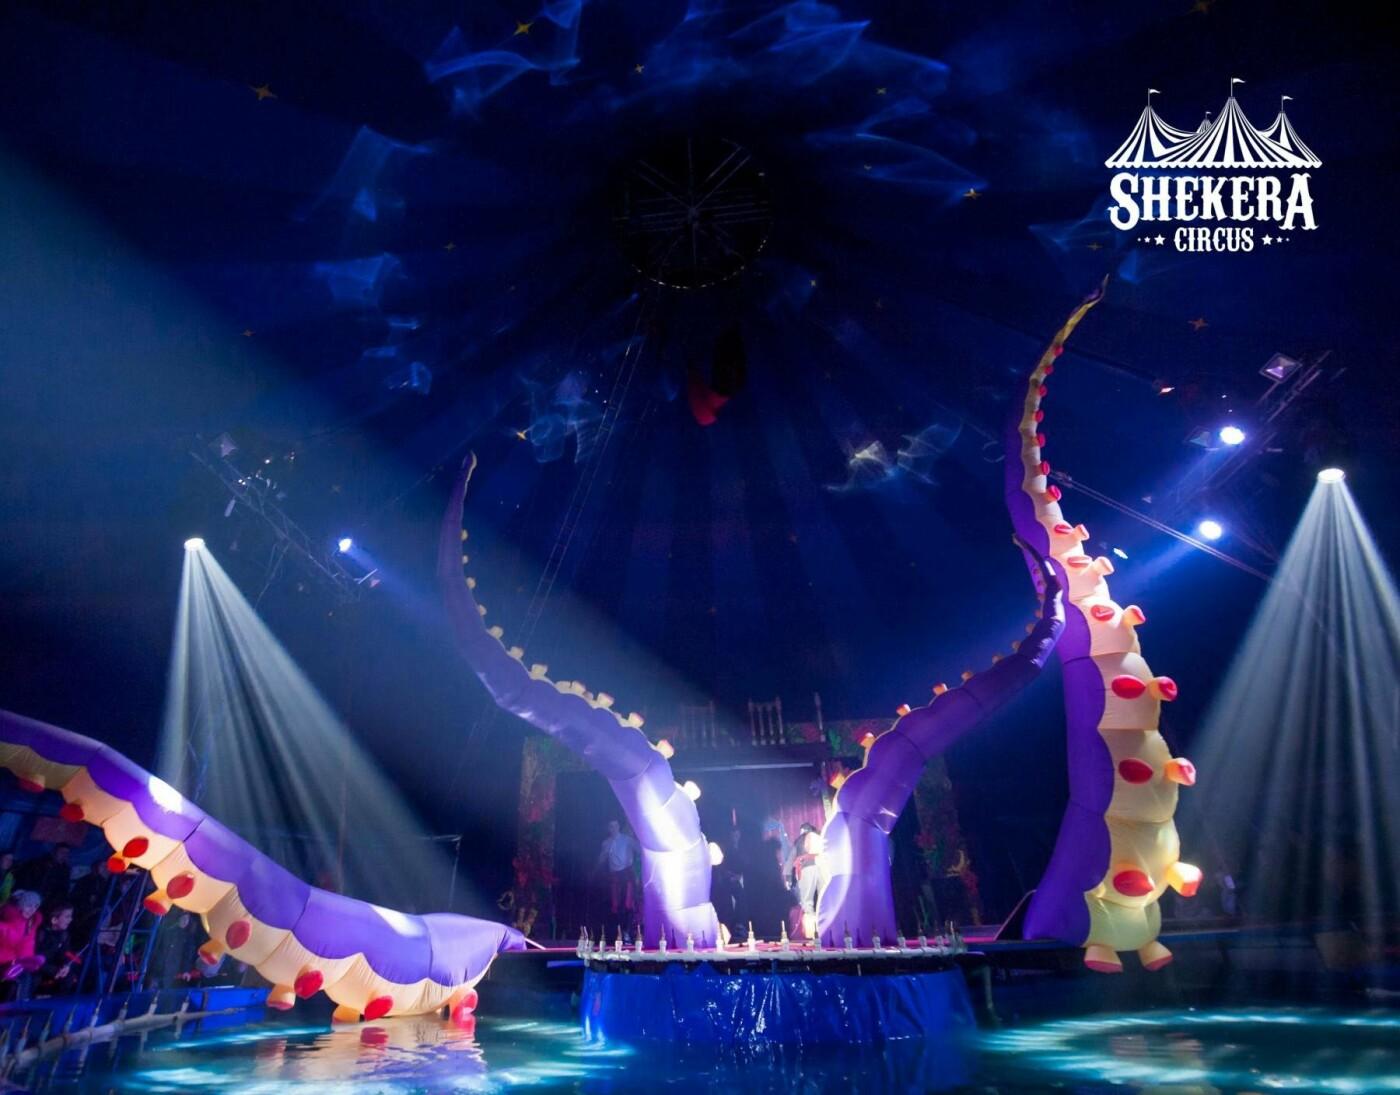 """Найкрутіший Цирк країни """"SHEKERA"""" з новою програмою в Івано-Франківську!, фото-3"""